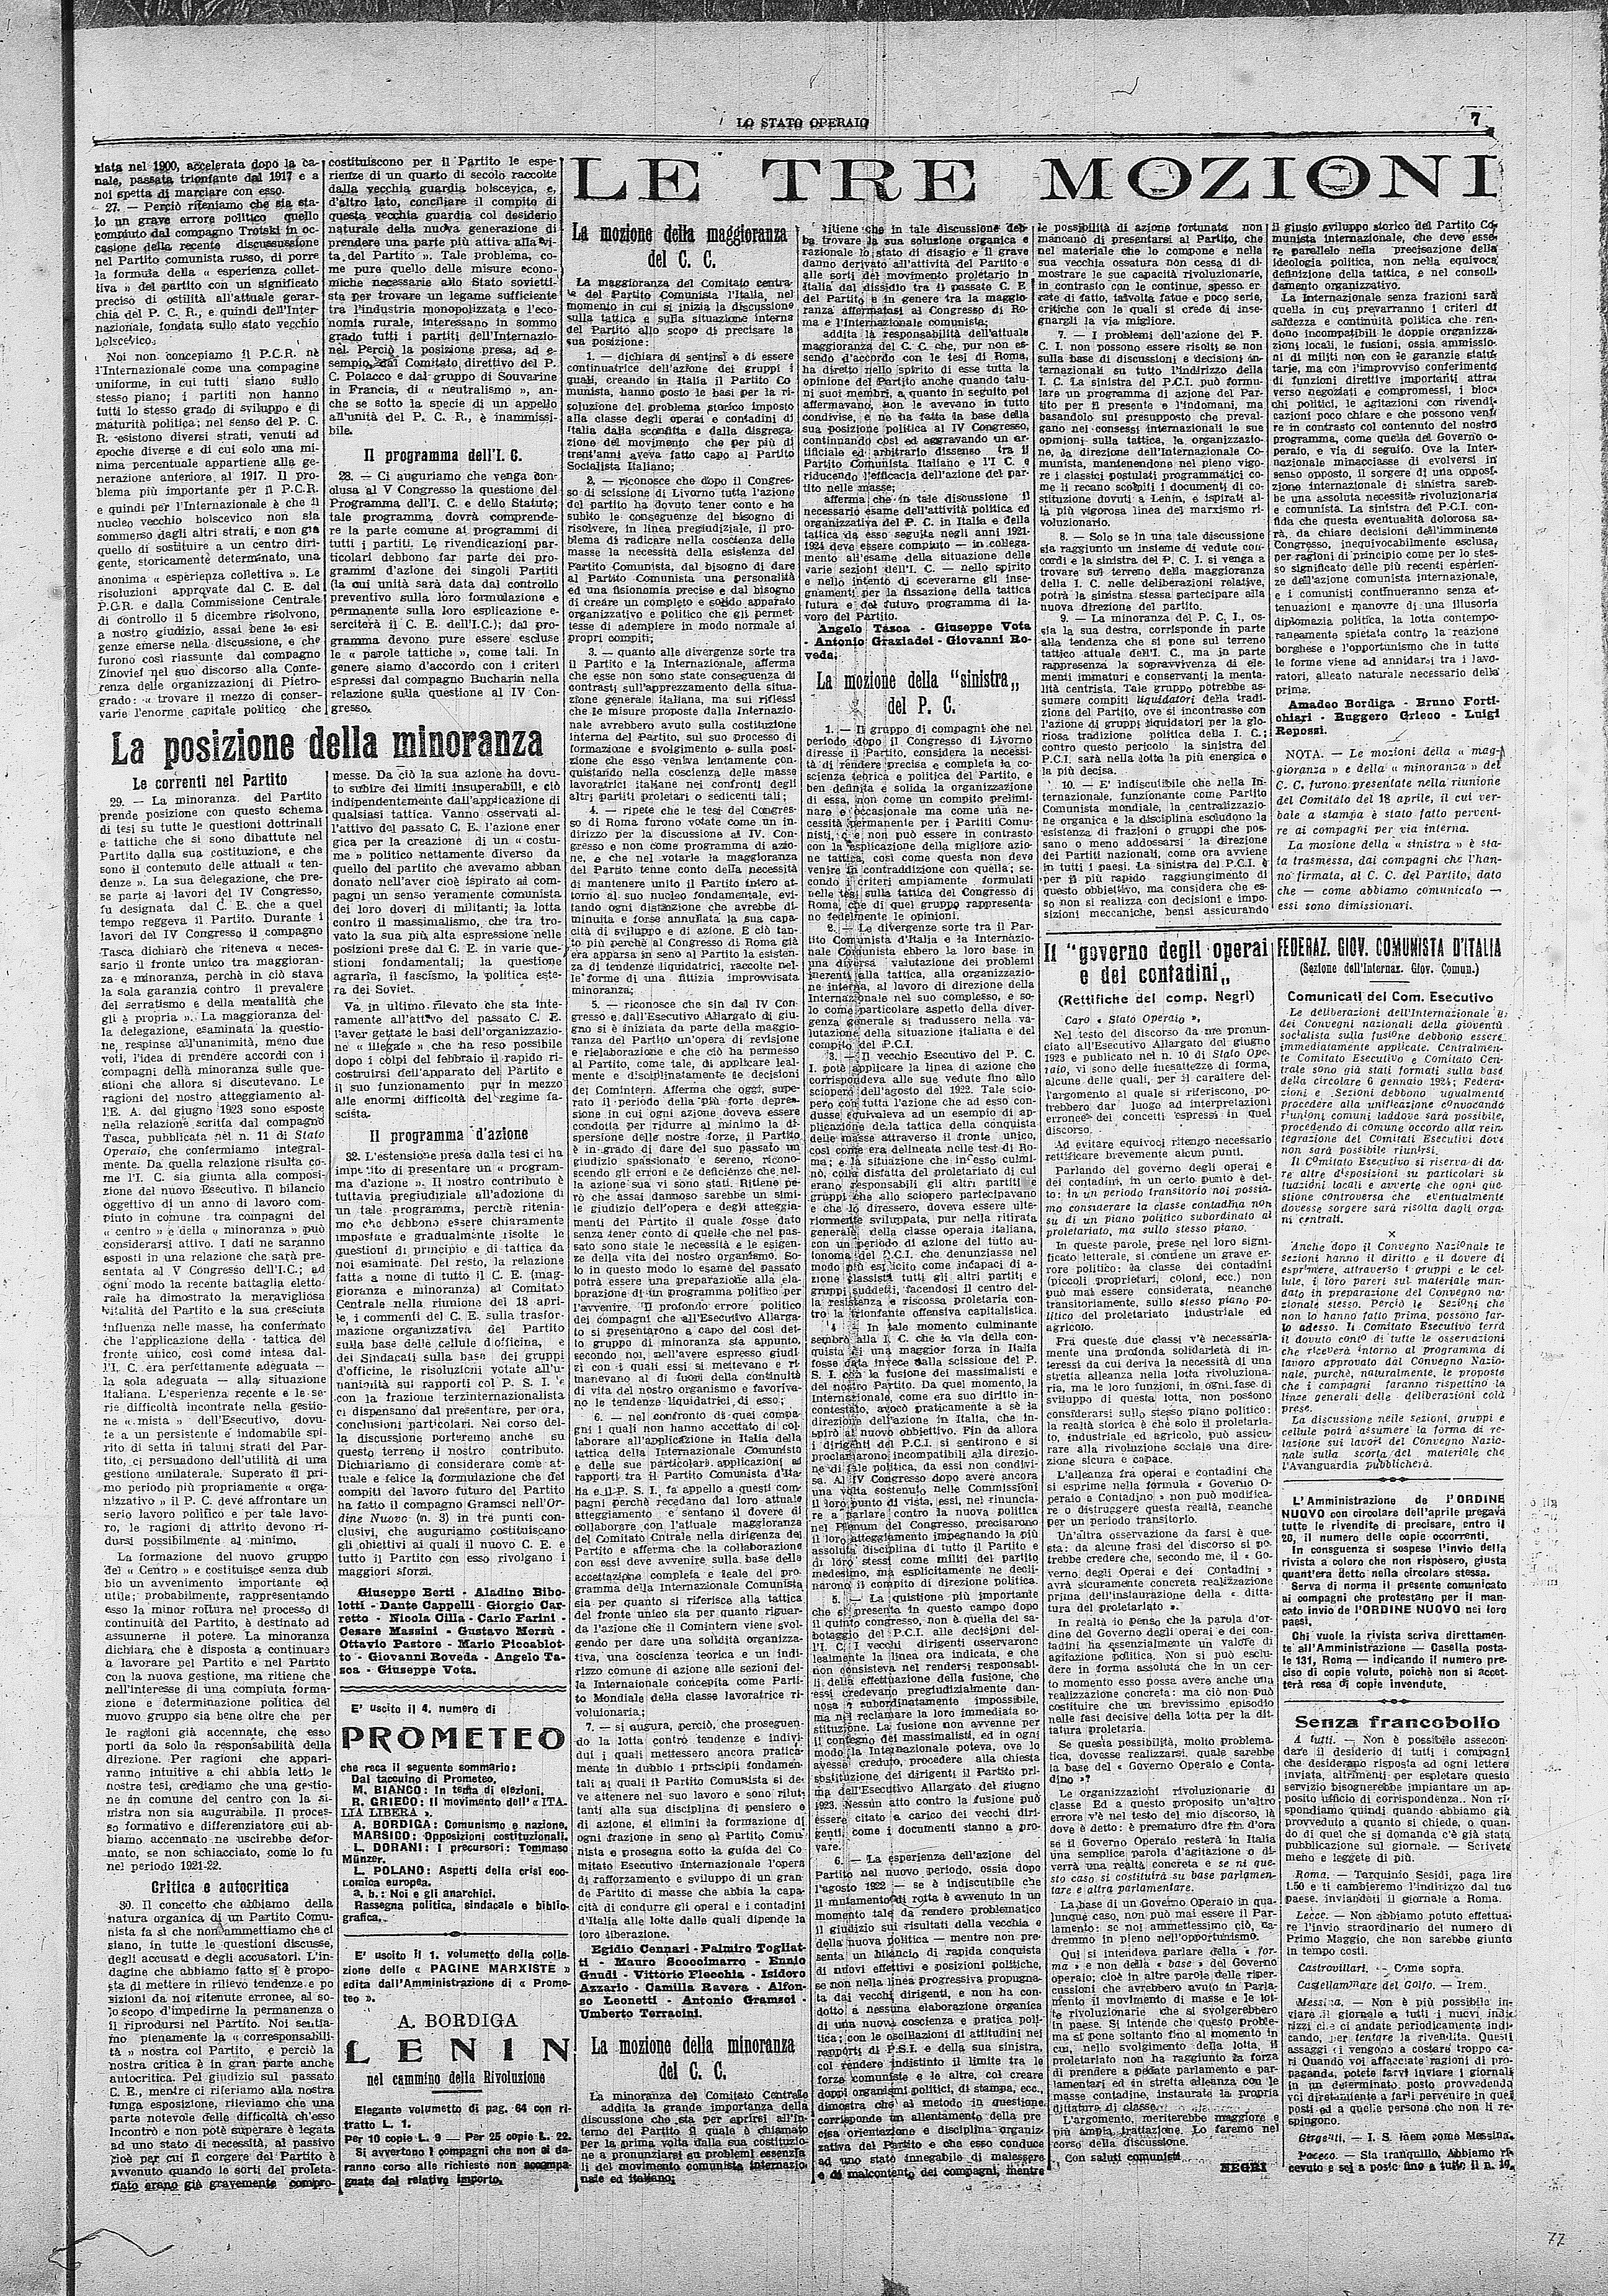 Lo Stato Operaio n. 16 (1924) - pag. 7